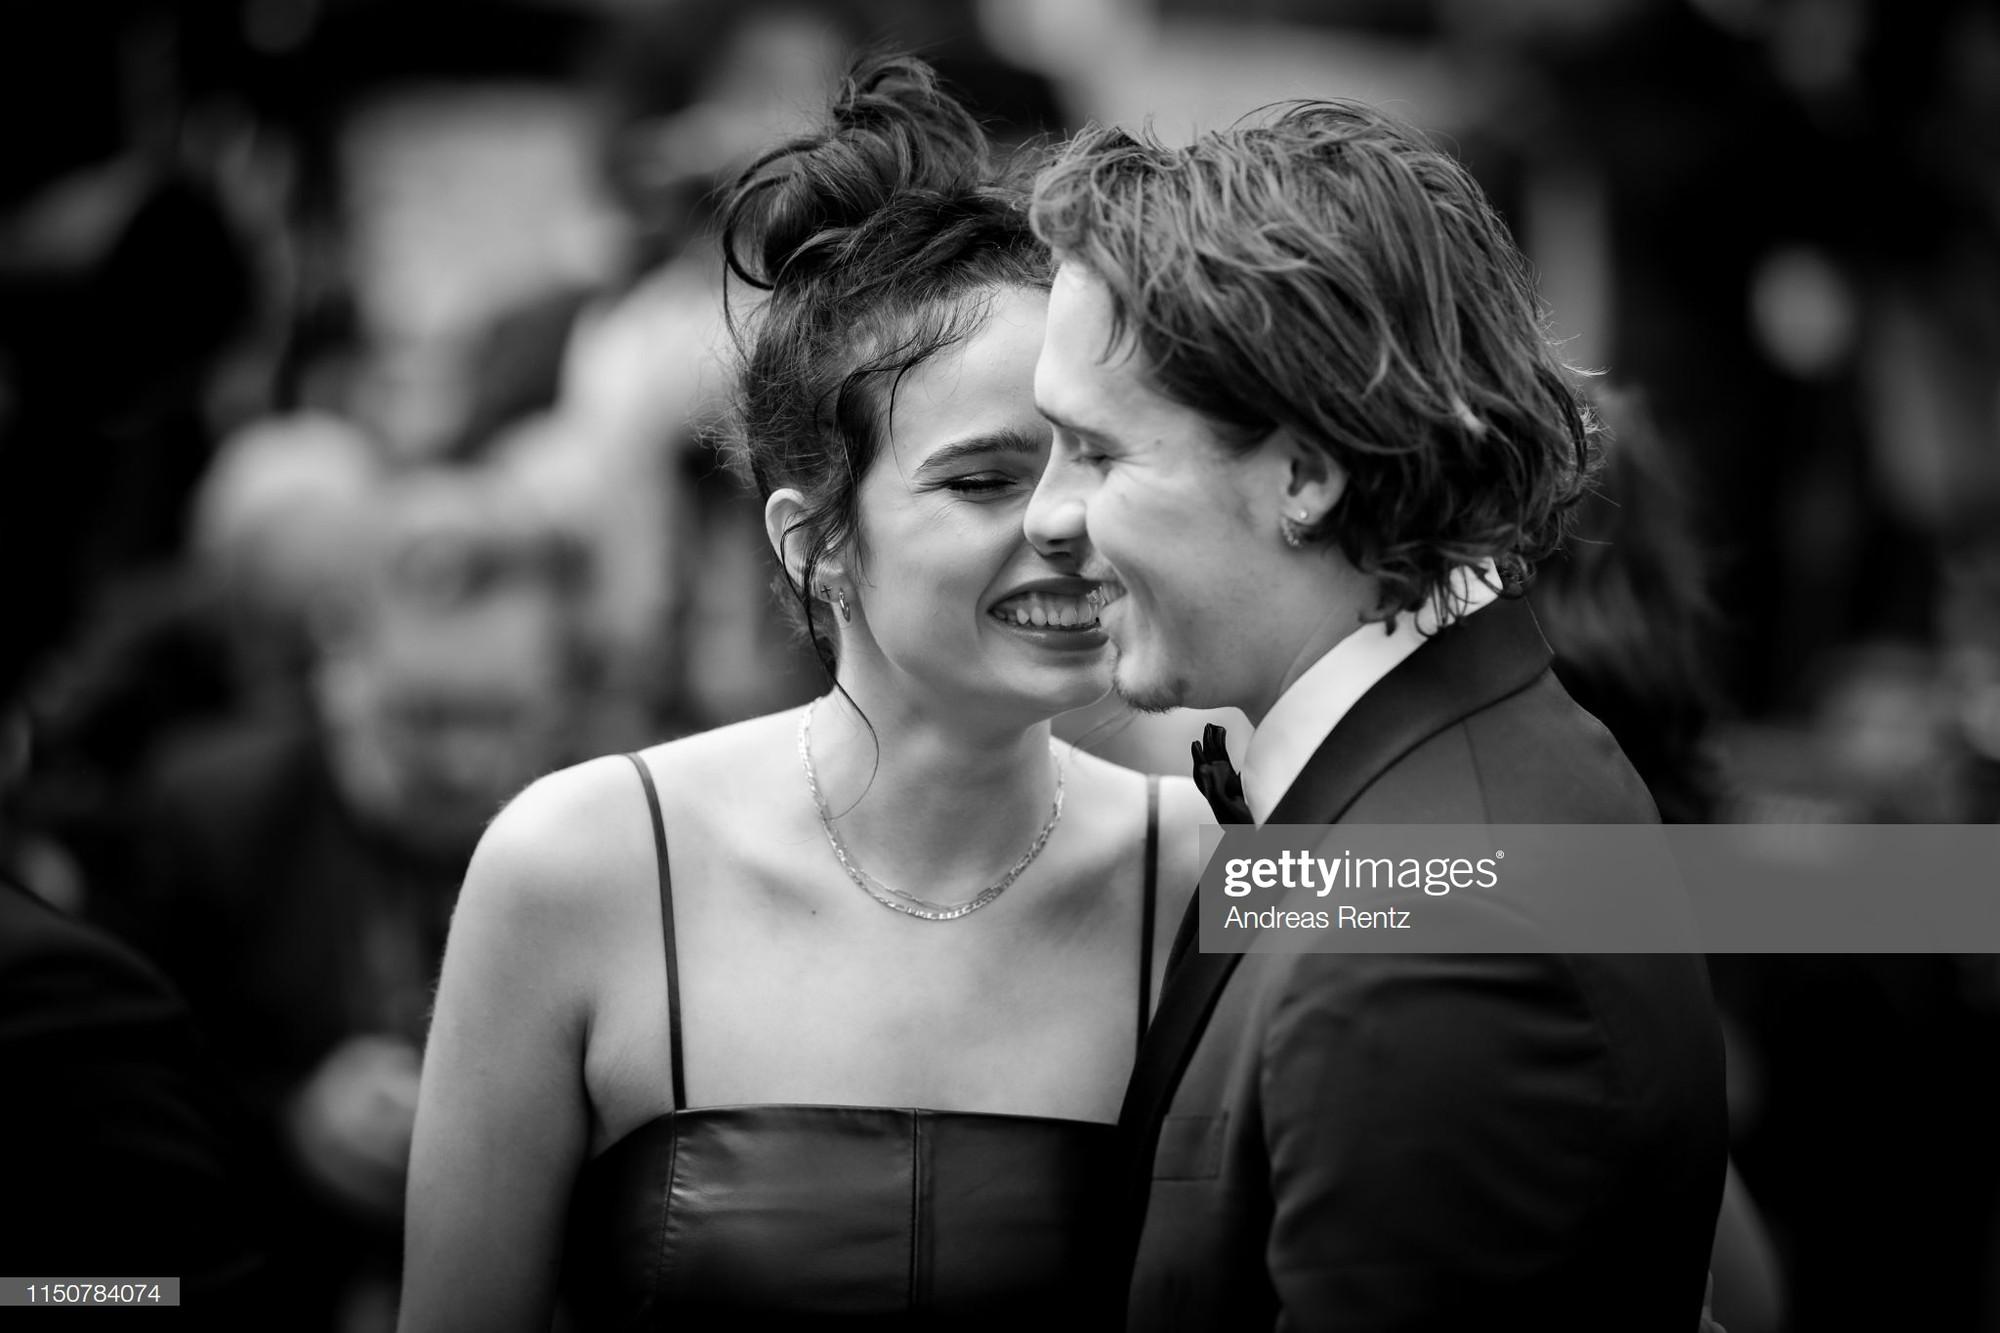 Top khoảnh khắc đắt giá nhất Cannes 2019: Dàn mỹ nhân 9X bất ngờ chiếm đa số, Selena và cặp đôi Brooklyn ấn tượng mạnh - Ảnh 5.